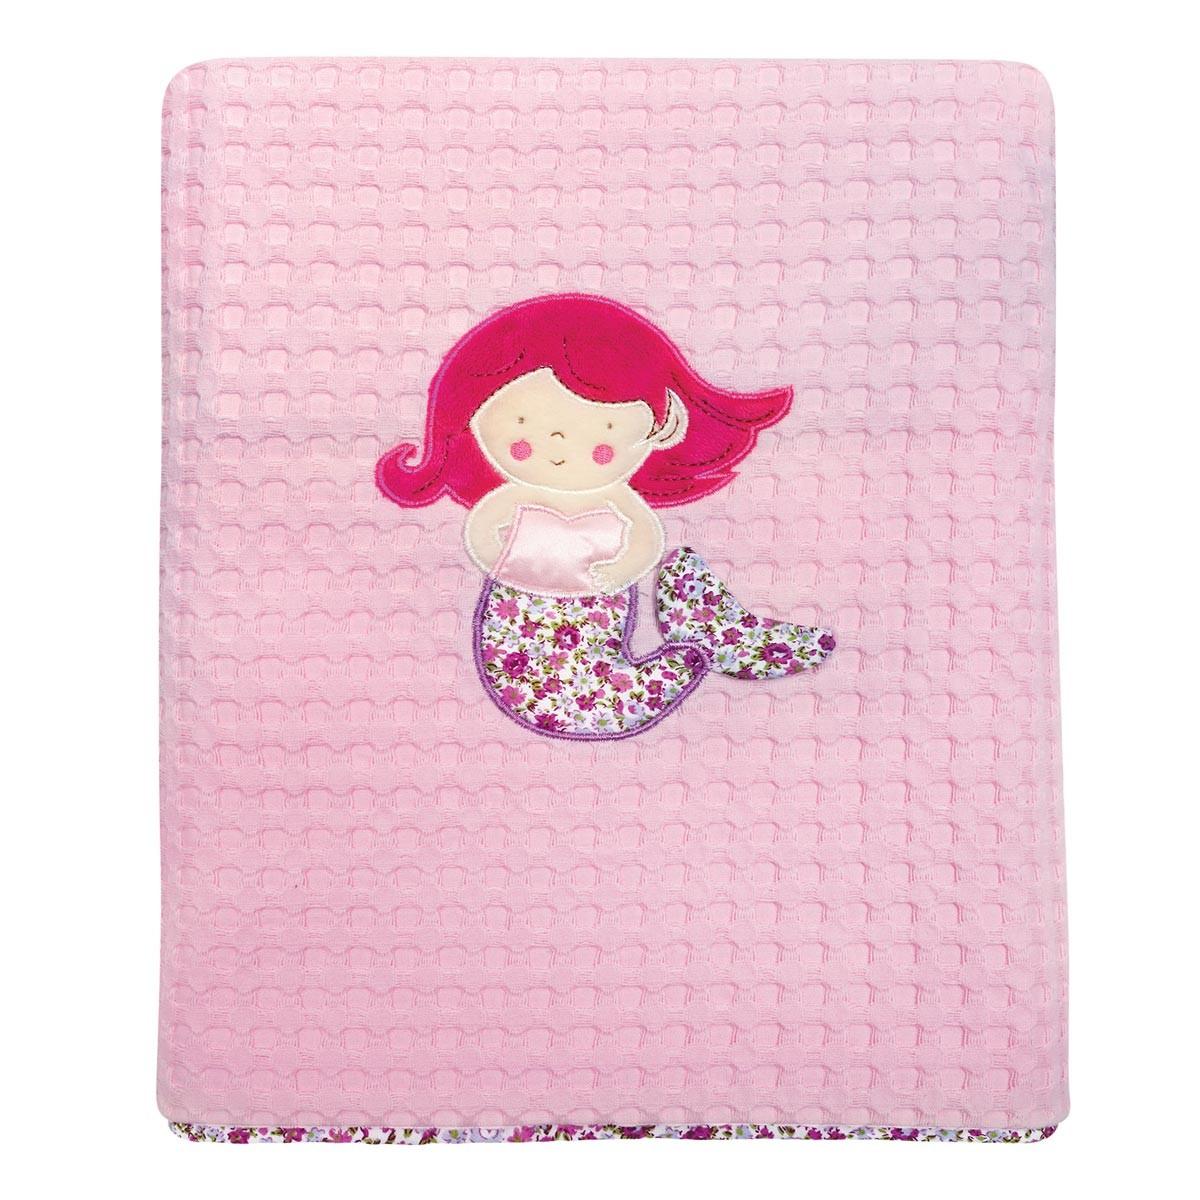 Κουβέρτα Πικέ Κούνιας Das Home Dream Embroidery 6395